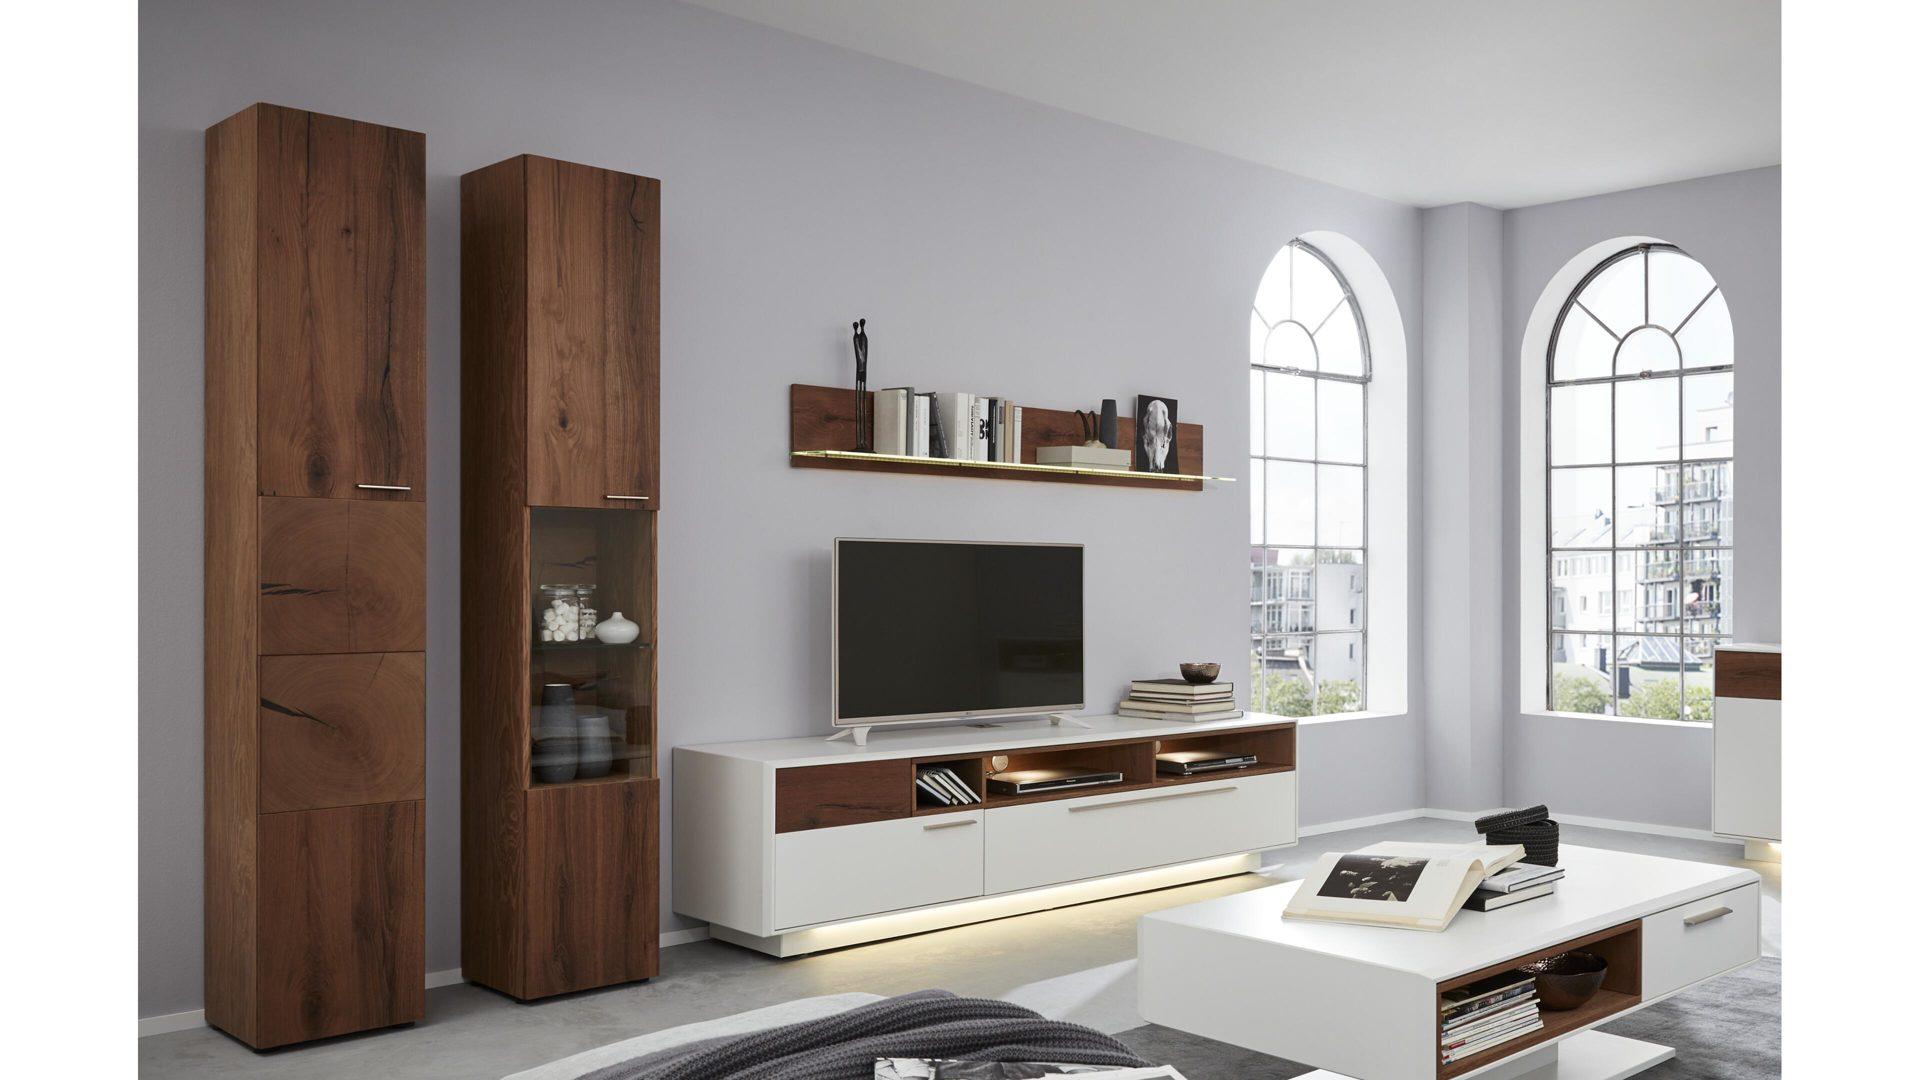 Interliving Wohnzimmer Serie 2102 Wohnkombination 510804s Mit Beleuchtung Dunkles Asteiche Furnier Weisser Mattlack V